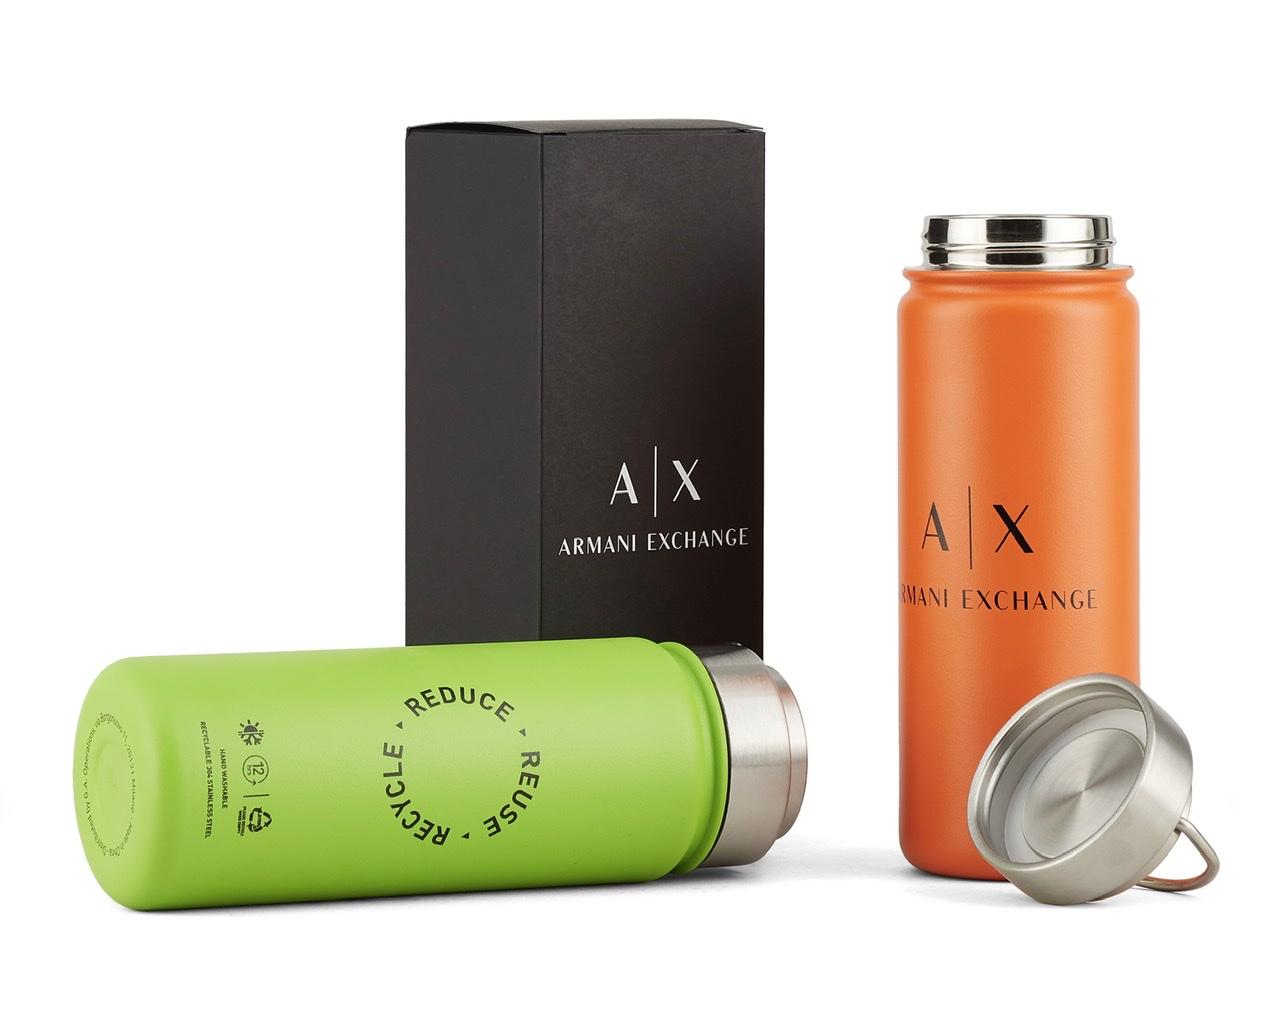 『A|X アルマーニ エクスチェンジ』オリジナルのサーマルボトルがもらえるサステイナブルなキャンペーンスタート!_2